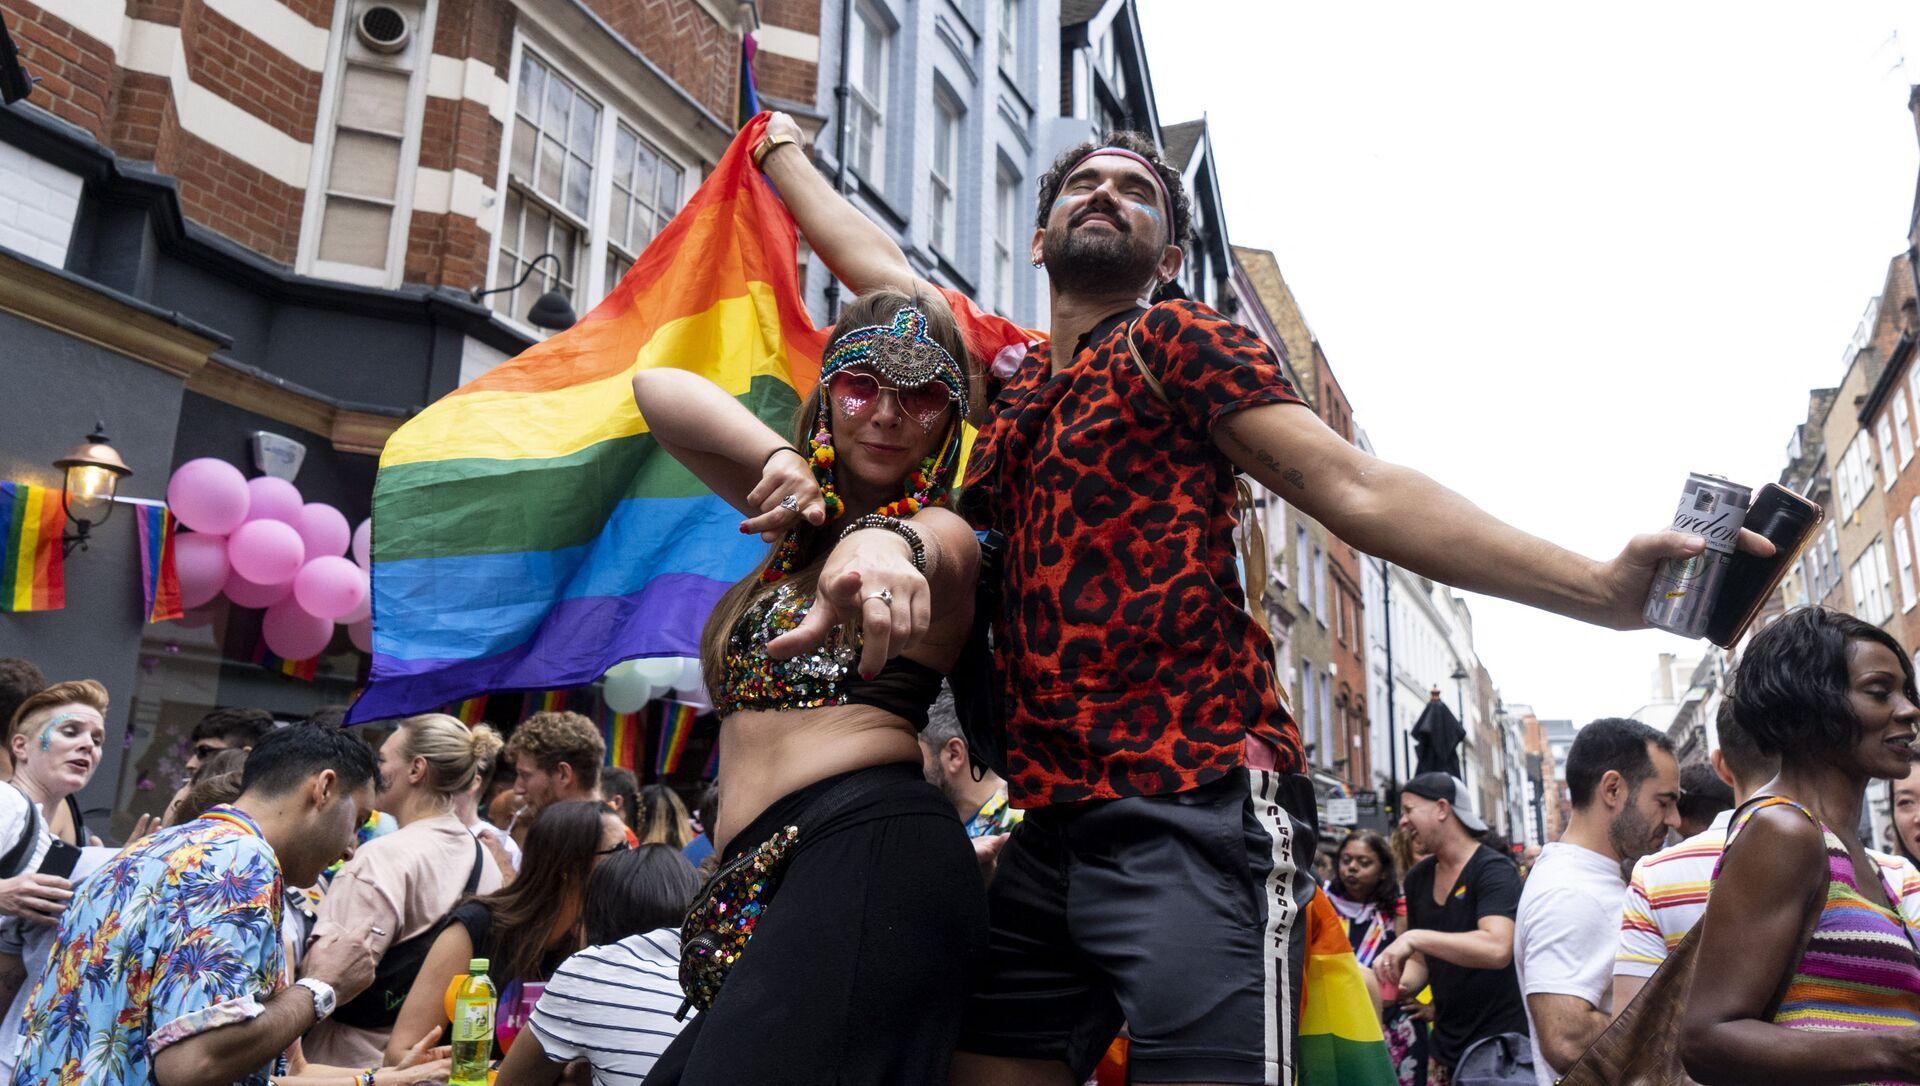 Парад сексуальных меньшинств в Лондоне - Sputnik Азербайджан, 1920, 09.08.2021